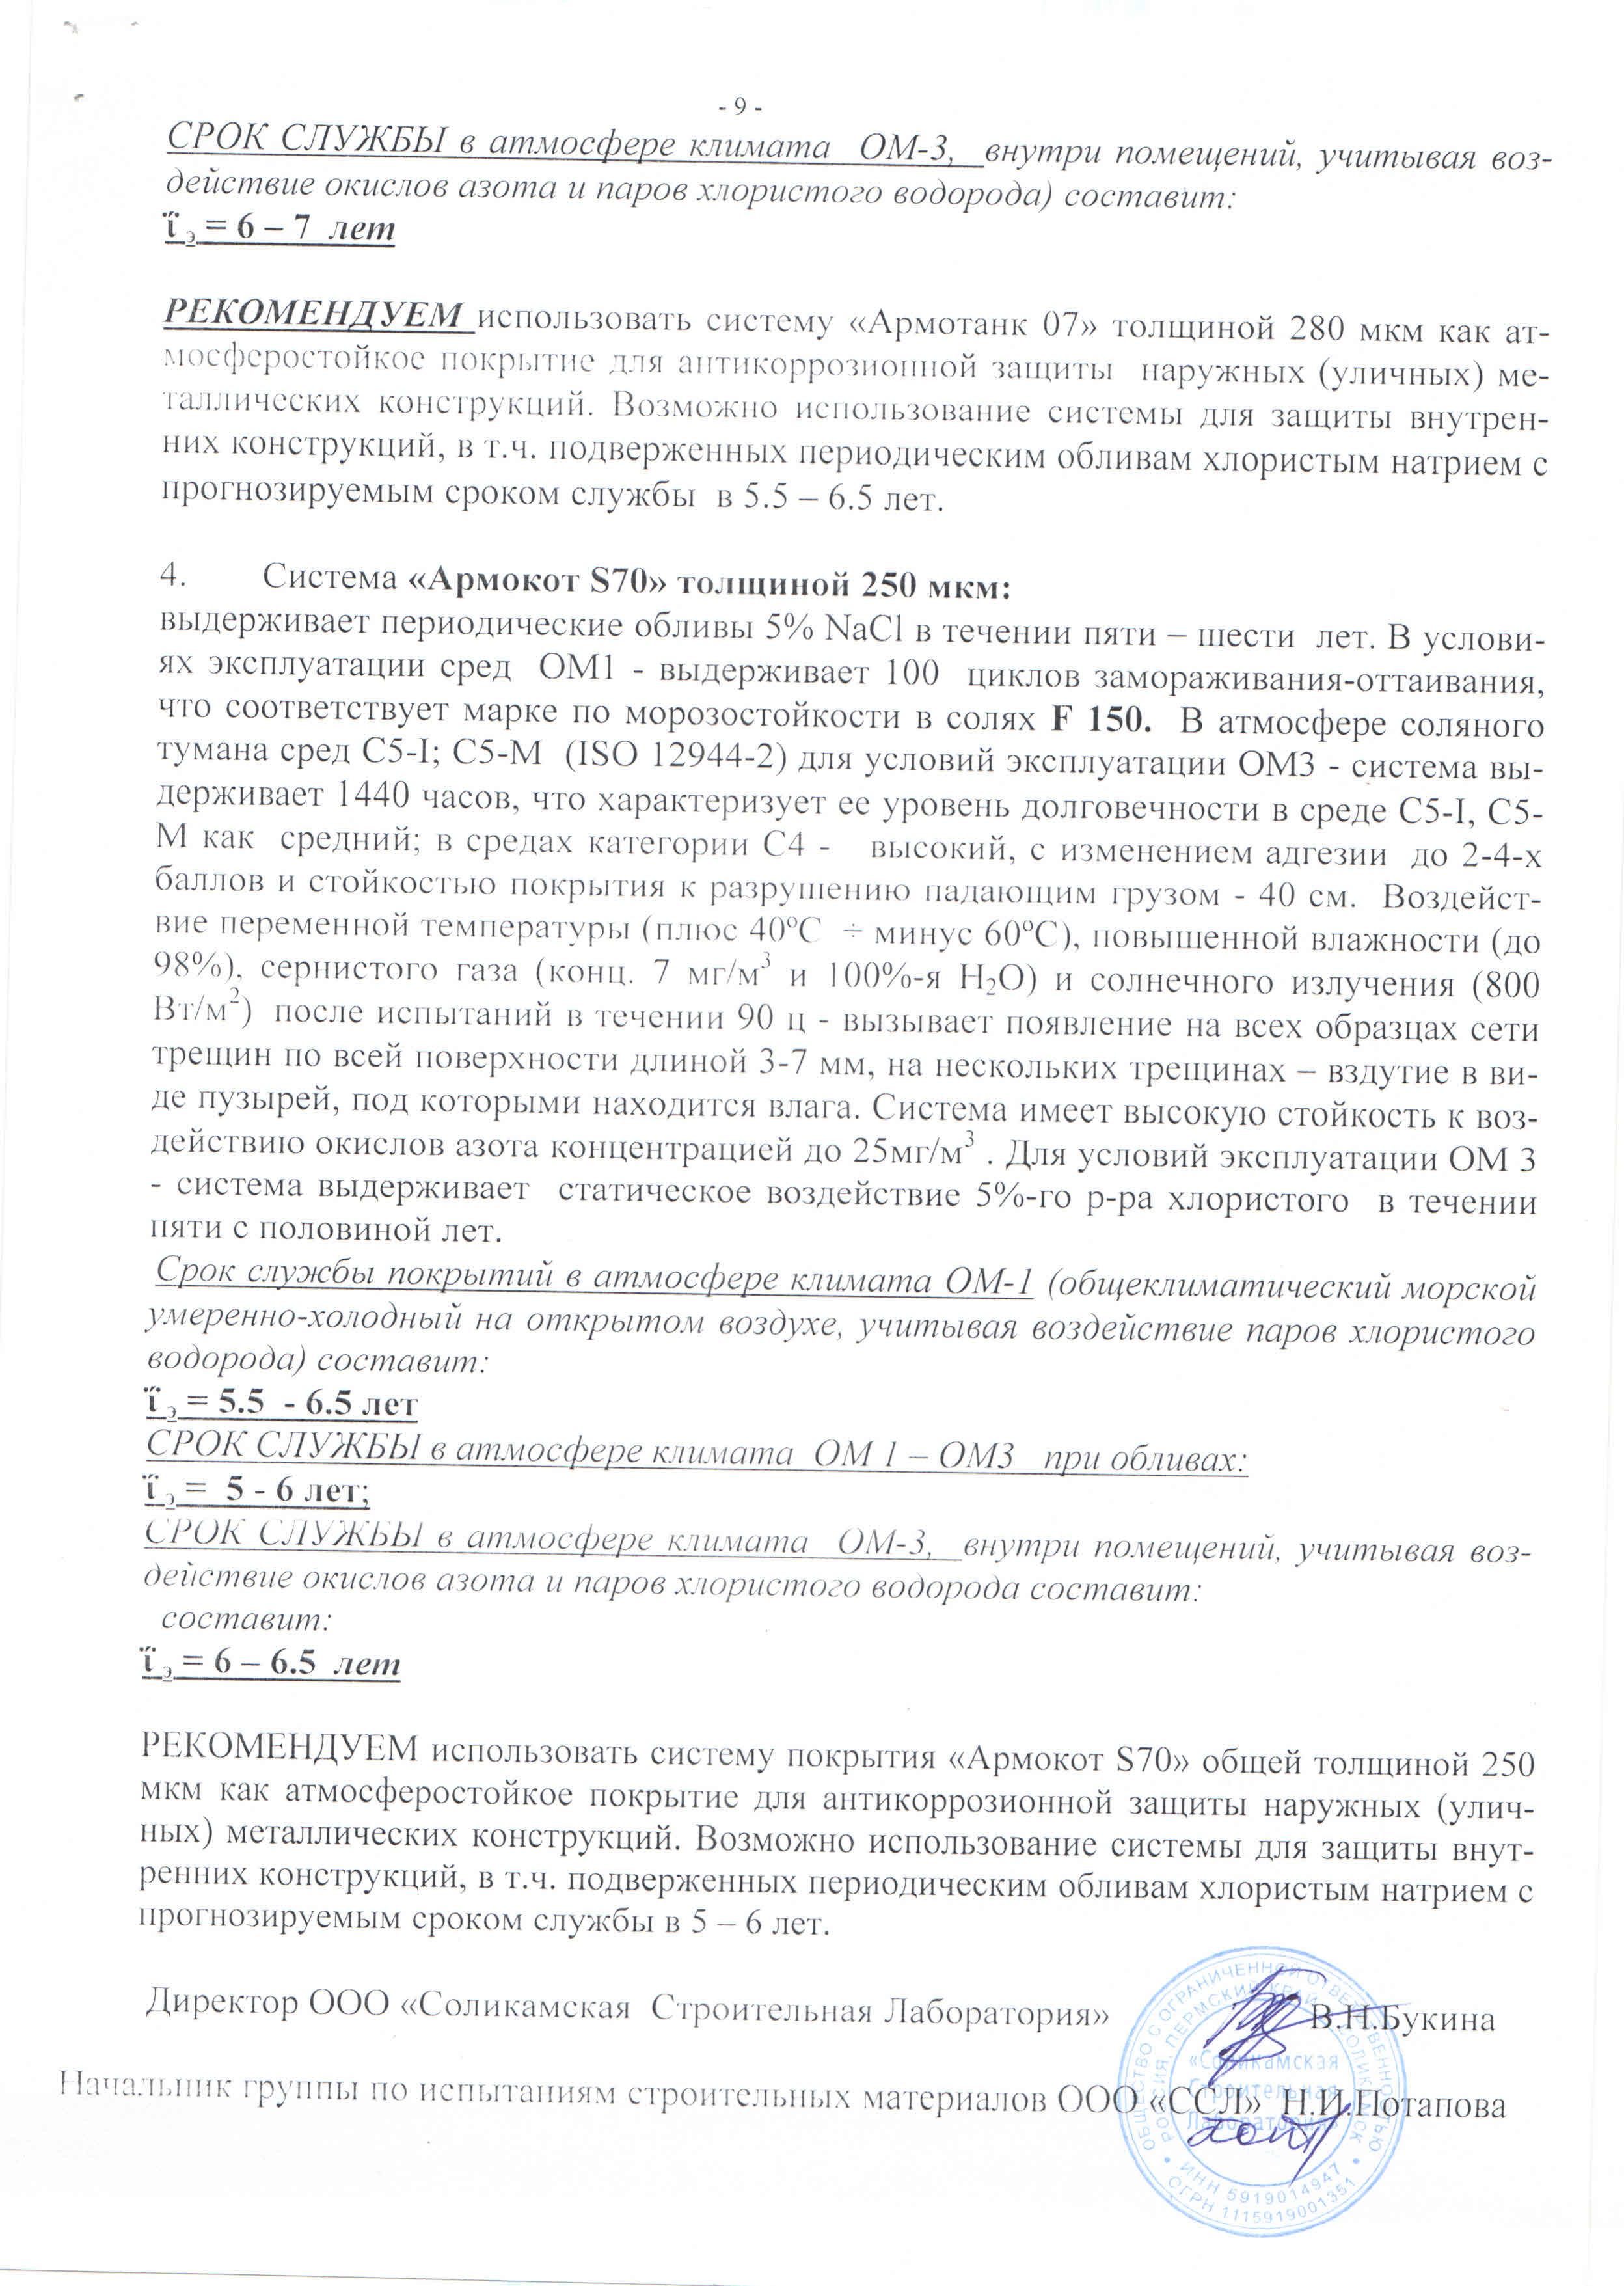 ЗаключениеООО «Соликамская строительная лаборатория» металл Еврохим 07N70007 N77007S70_Страница_9